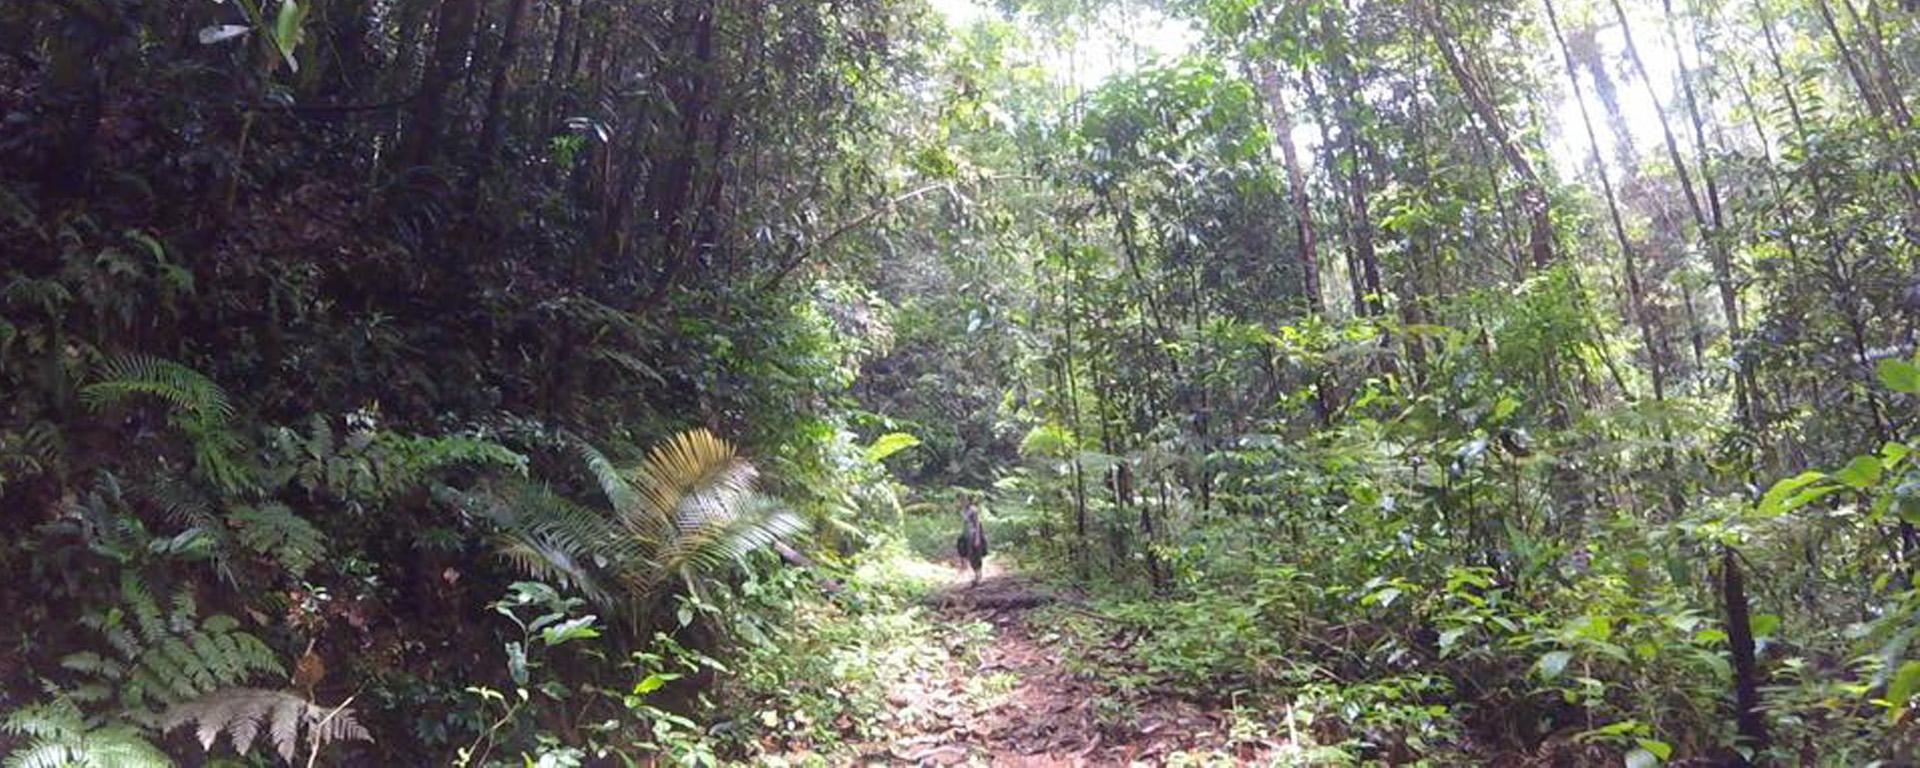 Ce qu'il faut savoir sur la forêt de Sinharaja !